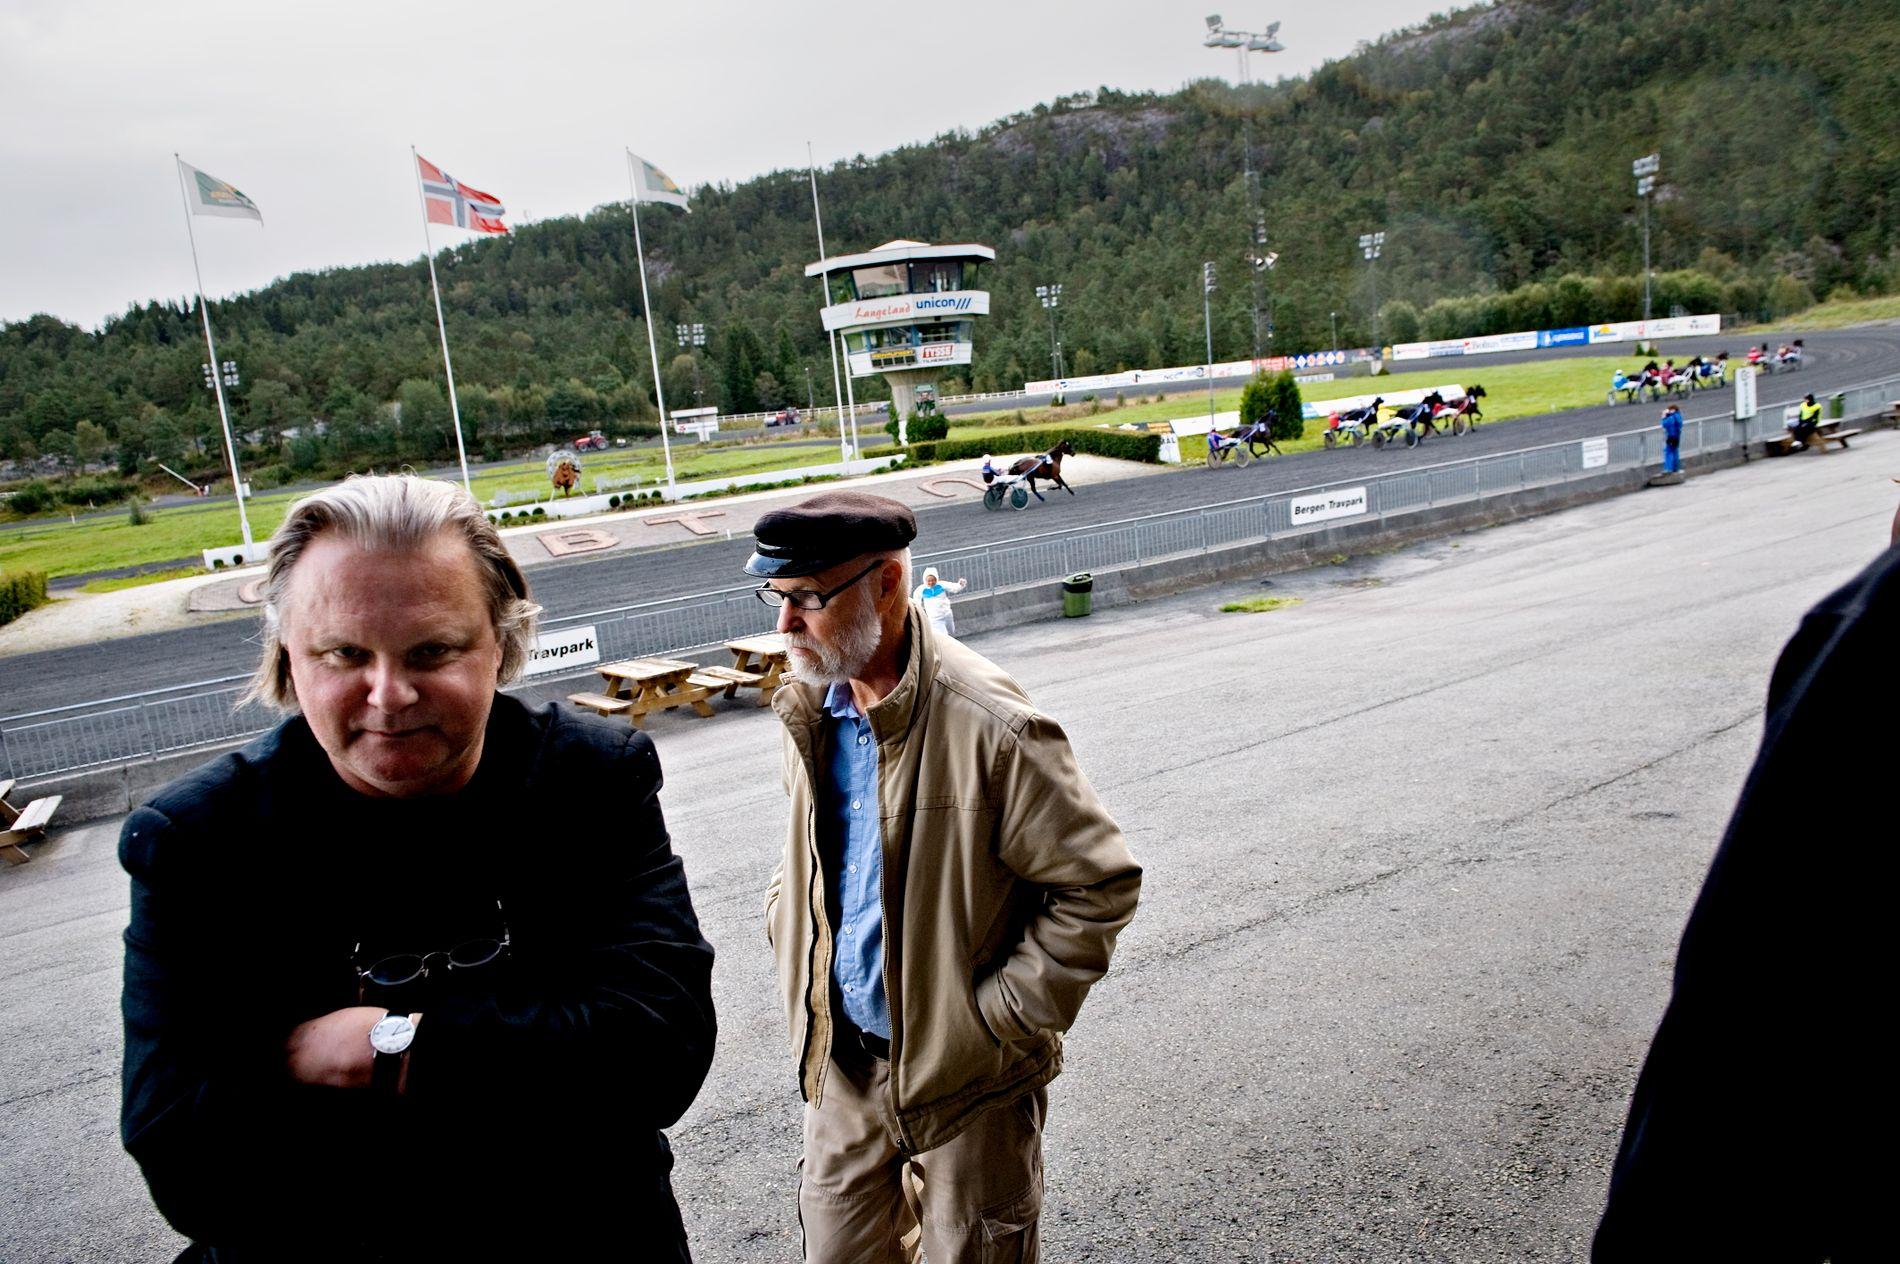 NÆRE VENNER: BT laget sak på det nære vennskapet mellom Jon Fosse og Rolf Sagen (bak) i 2009. Da måtte de selvfølgelig på Travbanen.